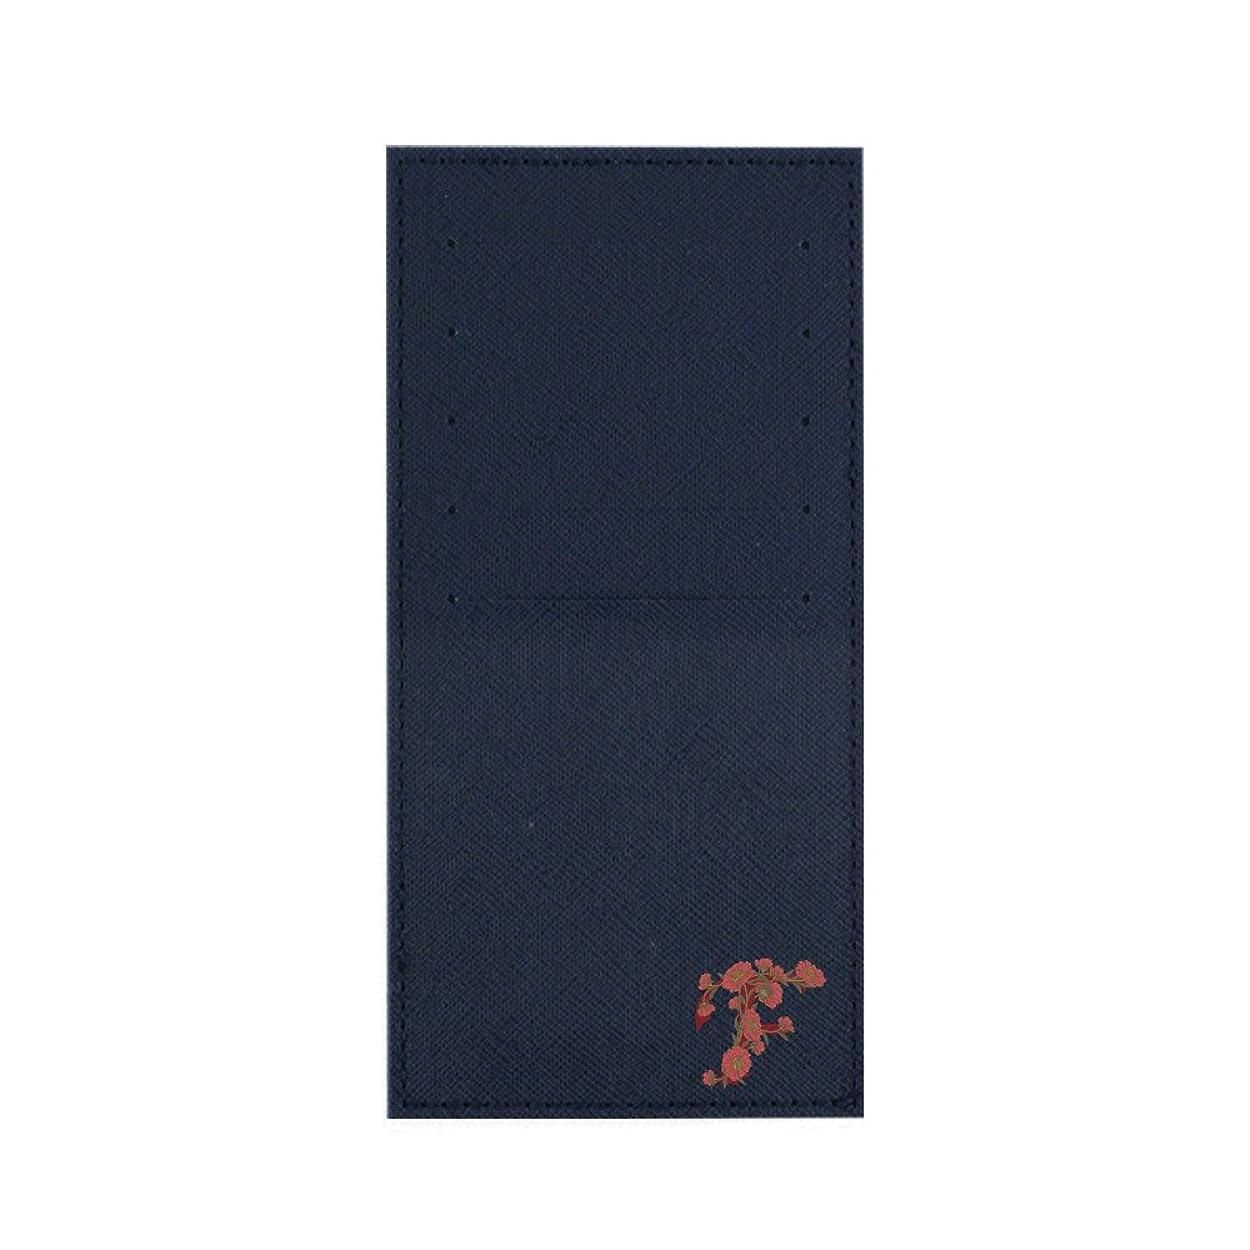 すばらしいです体バラ色インナーカードケース 長財布用カードケース 10枚収納可能 カード入れ 収納 プレゼント ギフト 2794フラワーネーム (F) ネイビー mirai